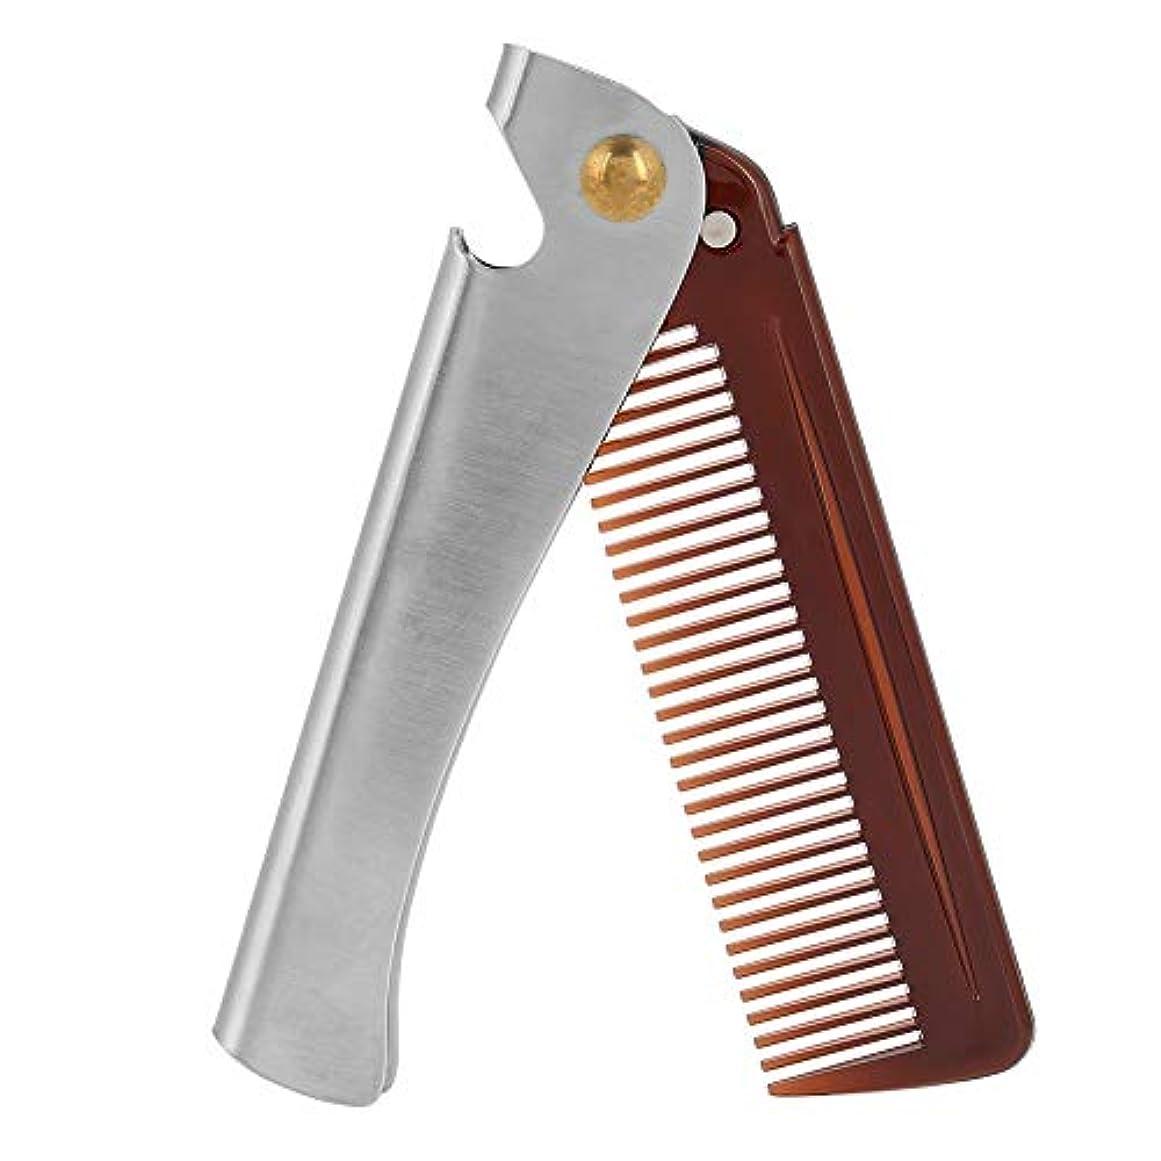 スノーケル練る可能ひげの櫛 Dewin 髭櫛 口ひげツール 折りたたみ式櫛